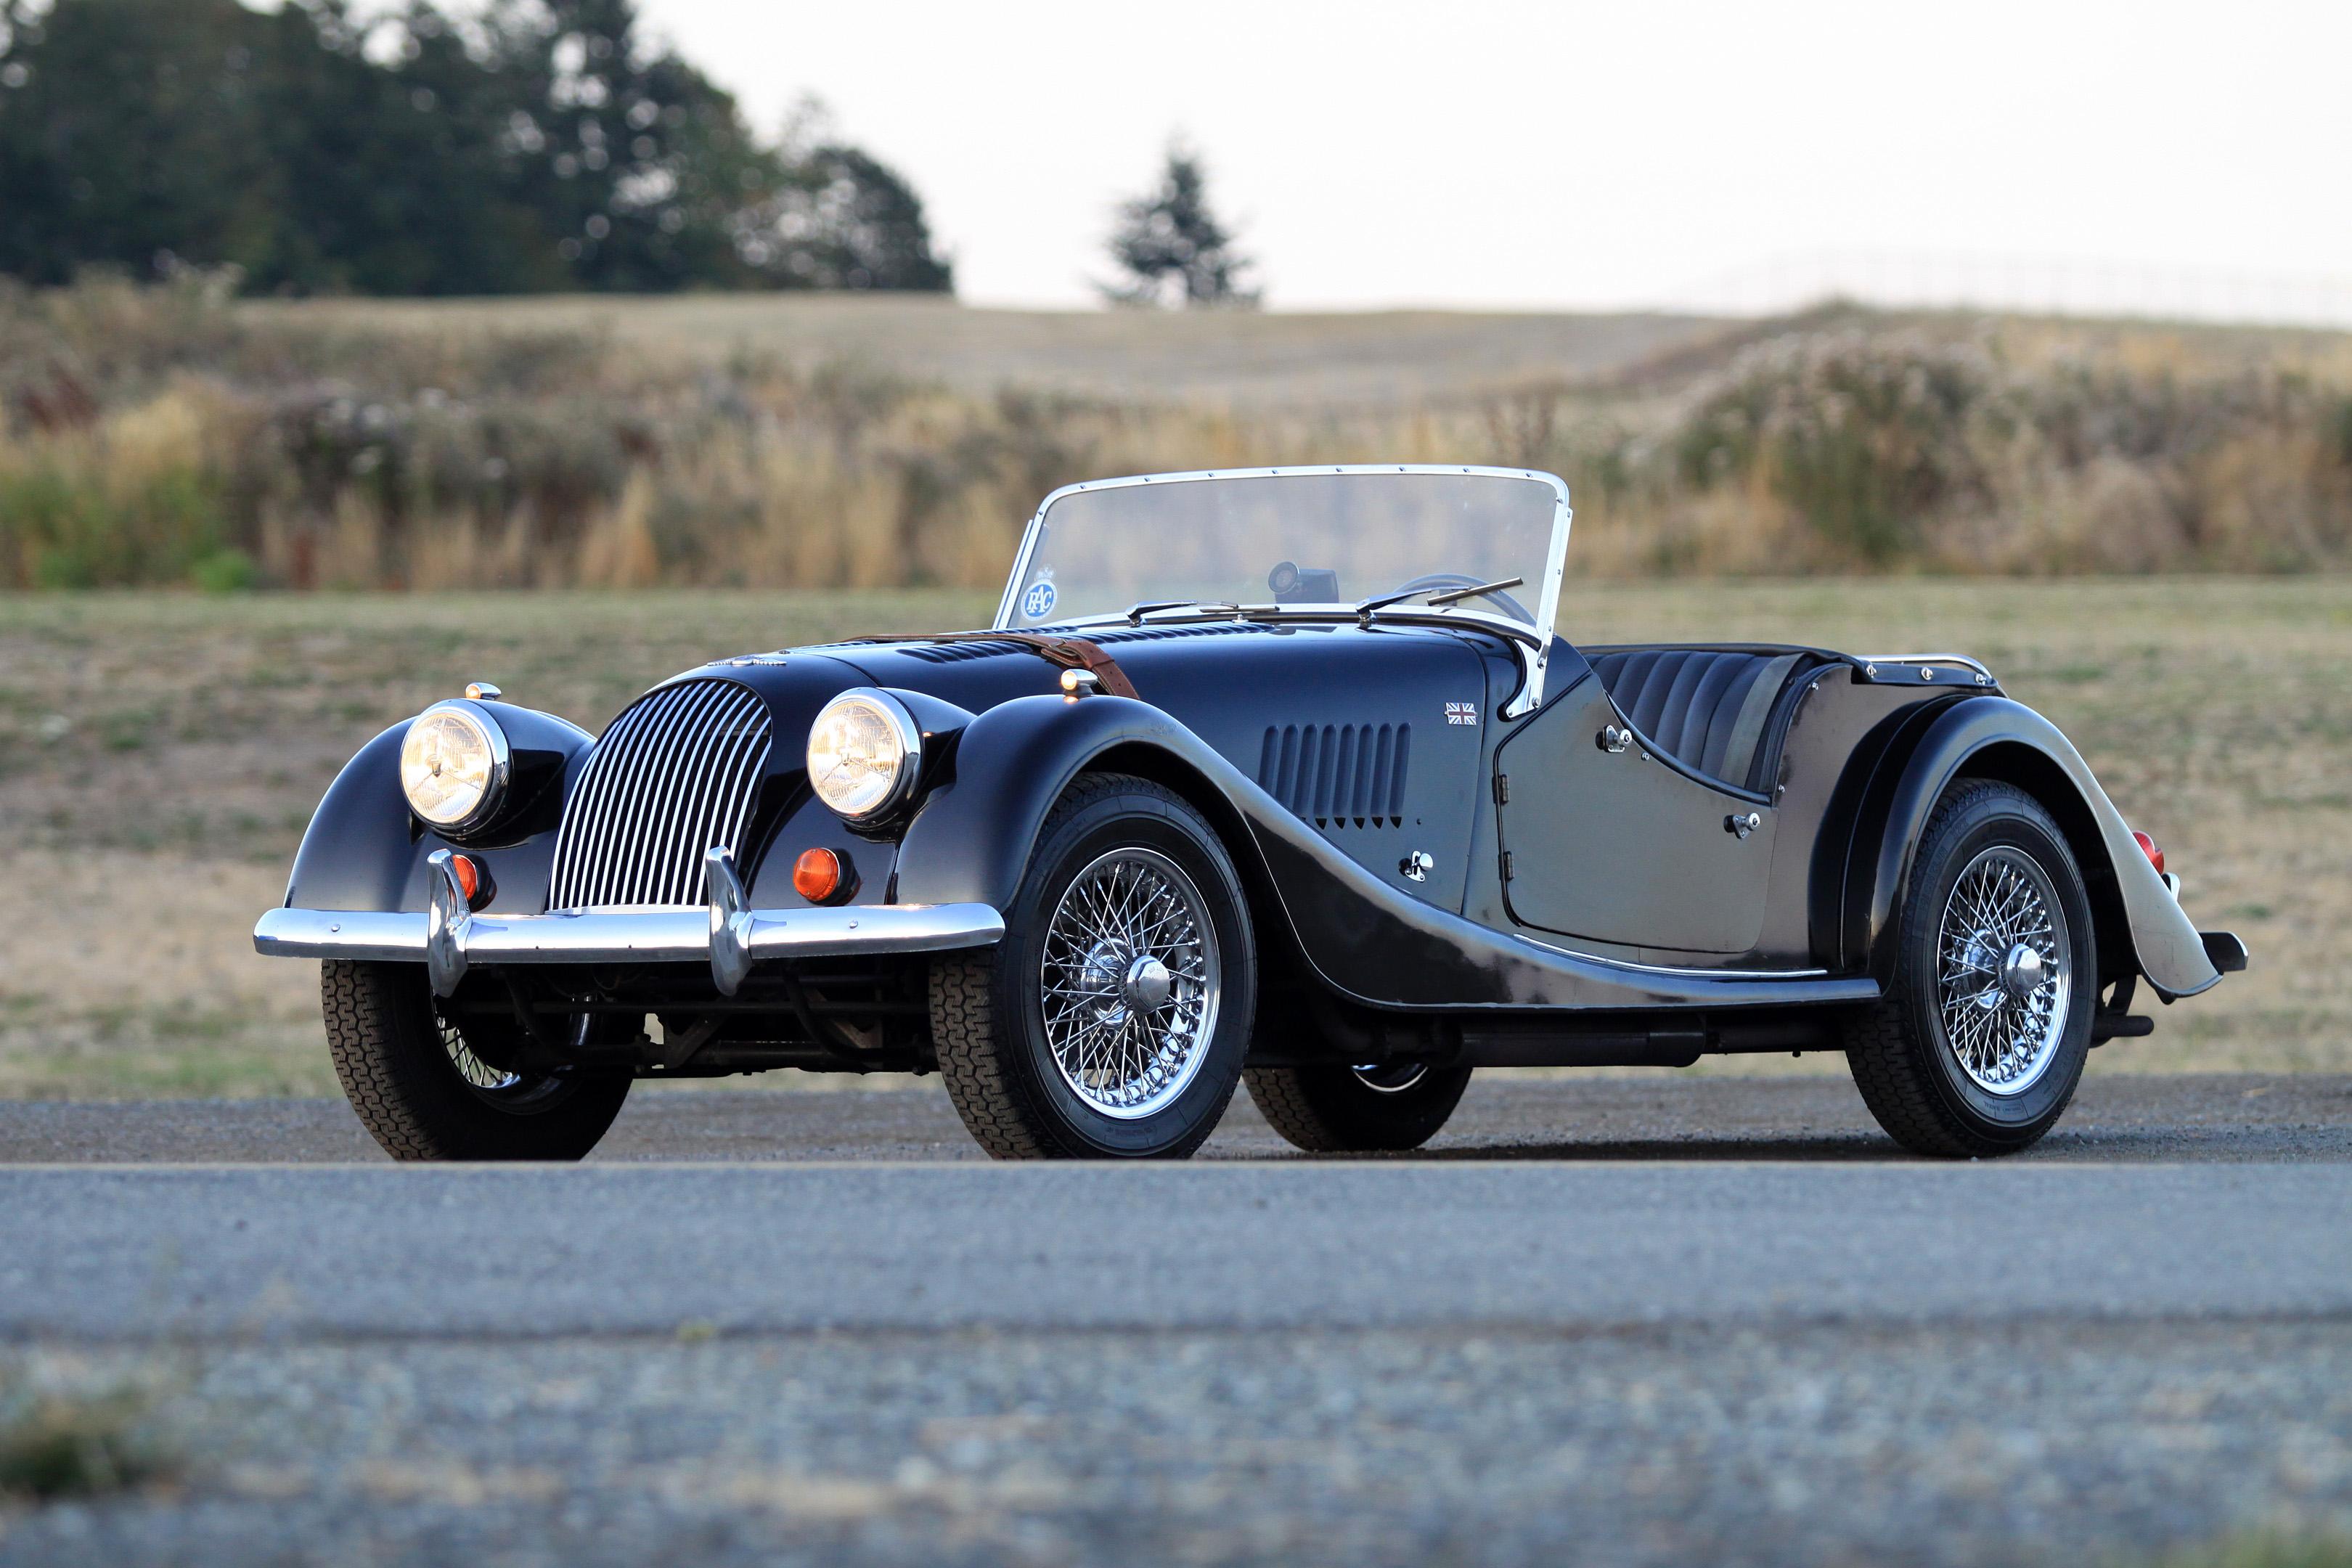 Morgan Automotive